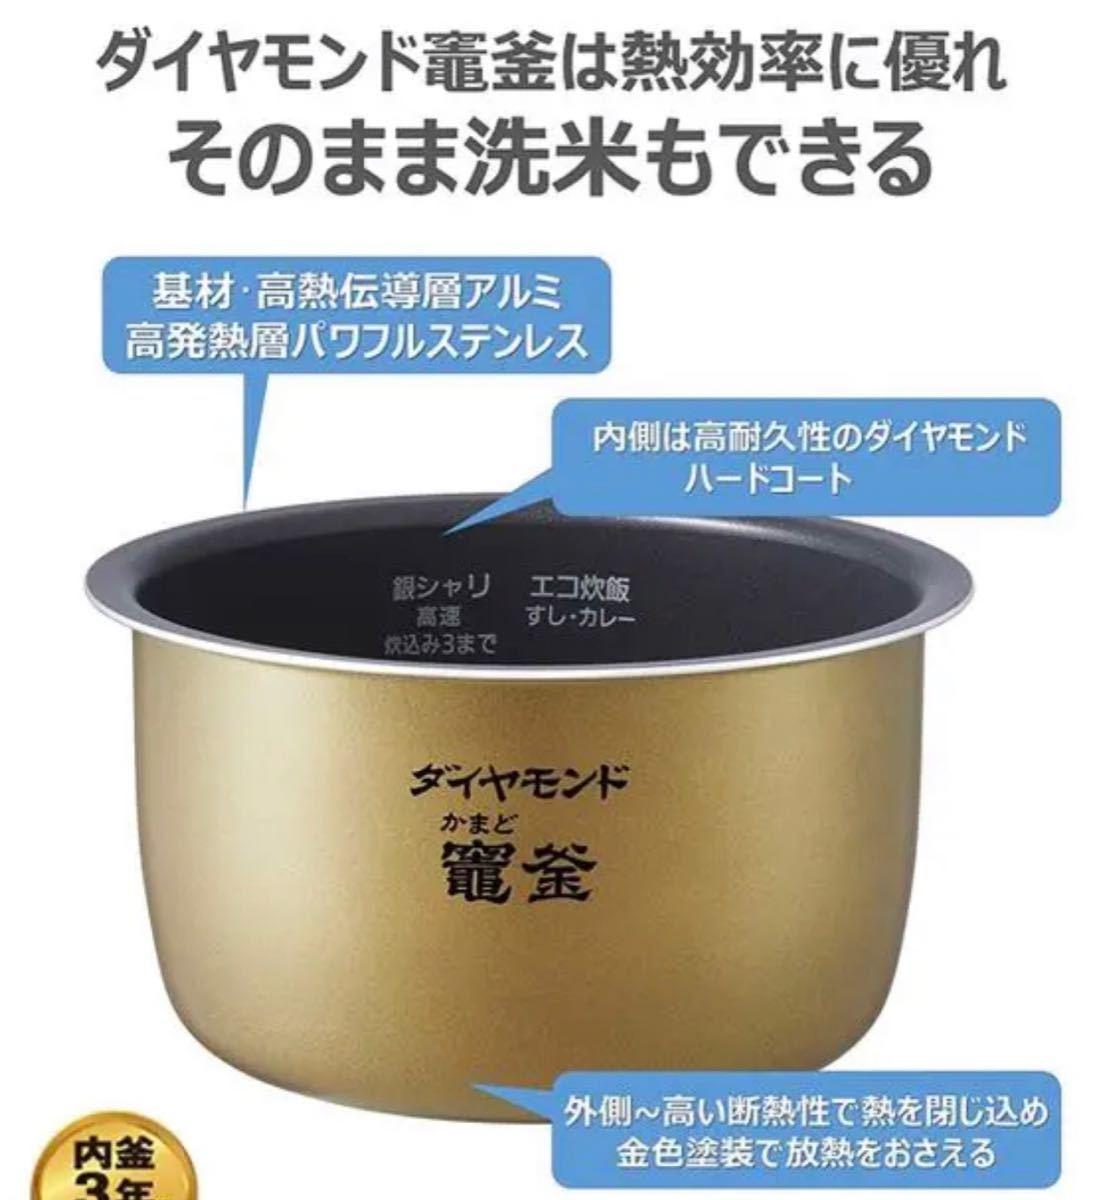 1年保証あり【未使用】Panasonic 炊飯器 SR-PB109-W ホワイト